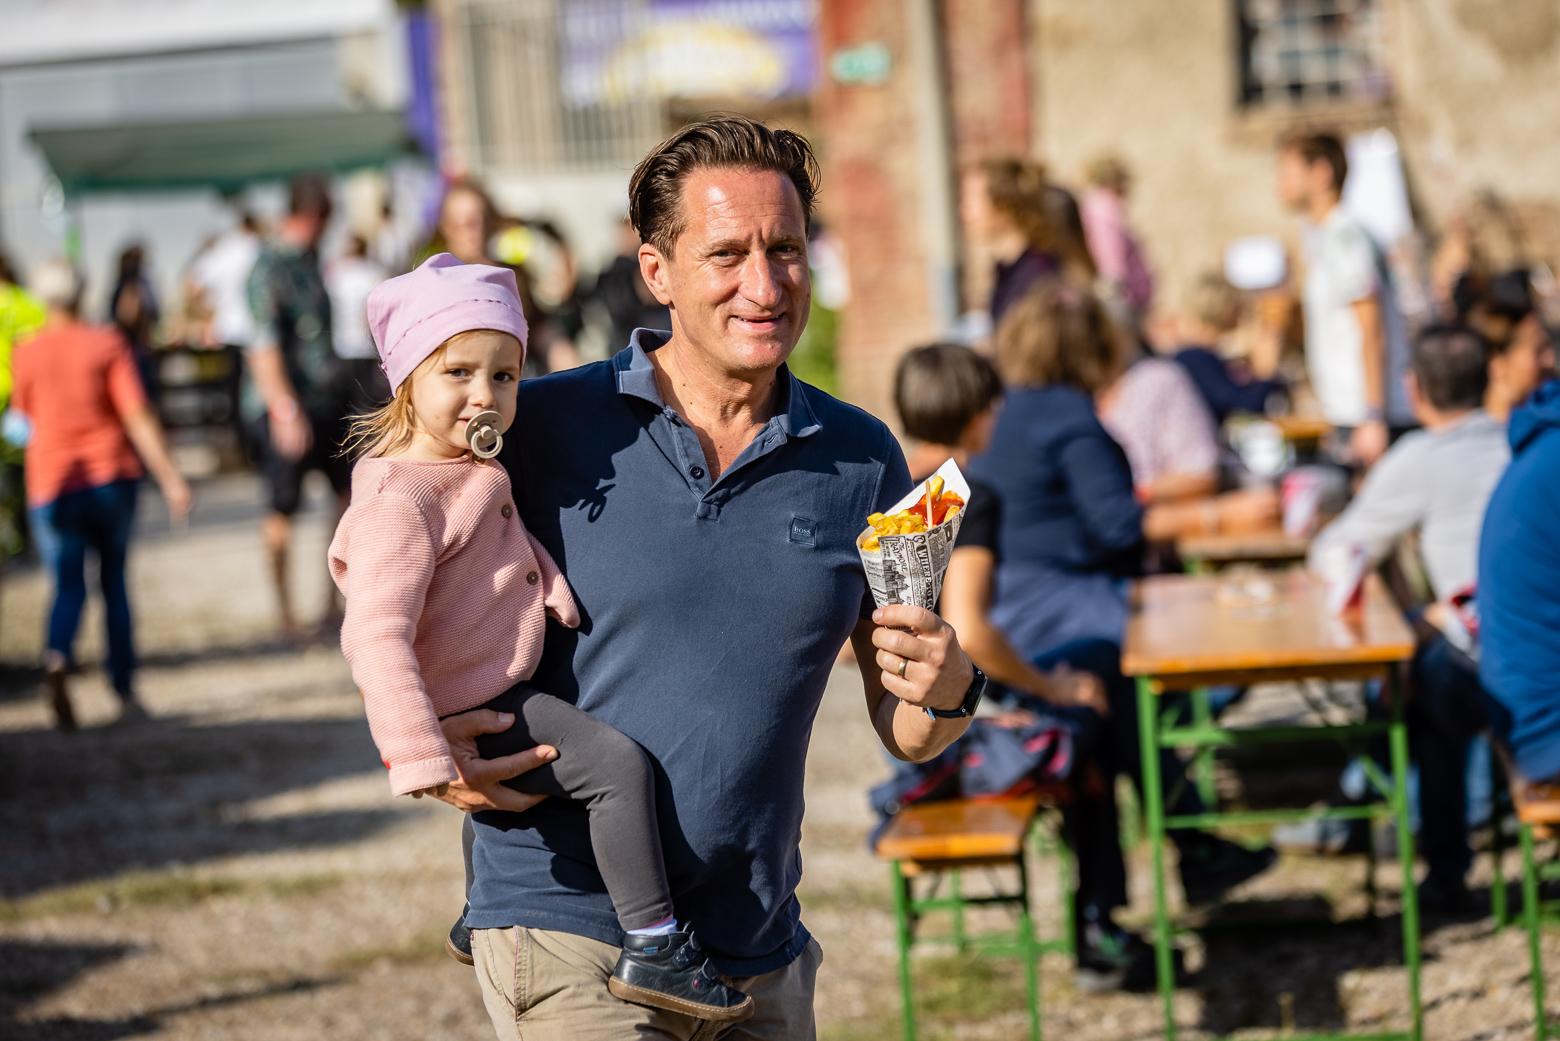 ZukunftsErwachen_Sonntag_20.09.20_Christian-Steinbrenner-R5CS1056